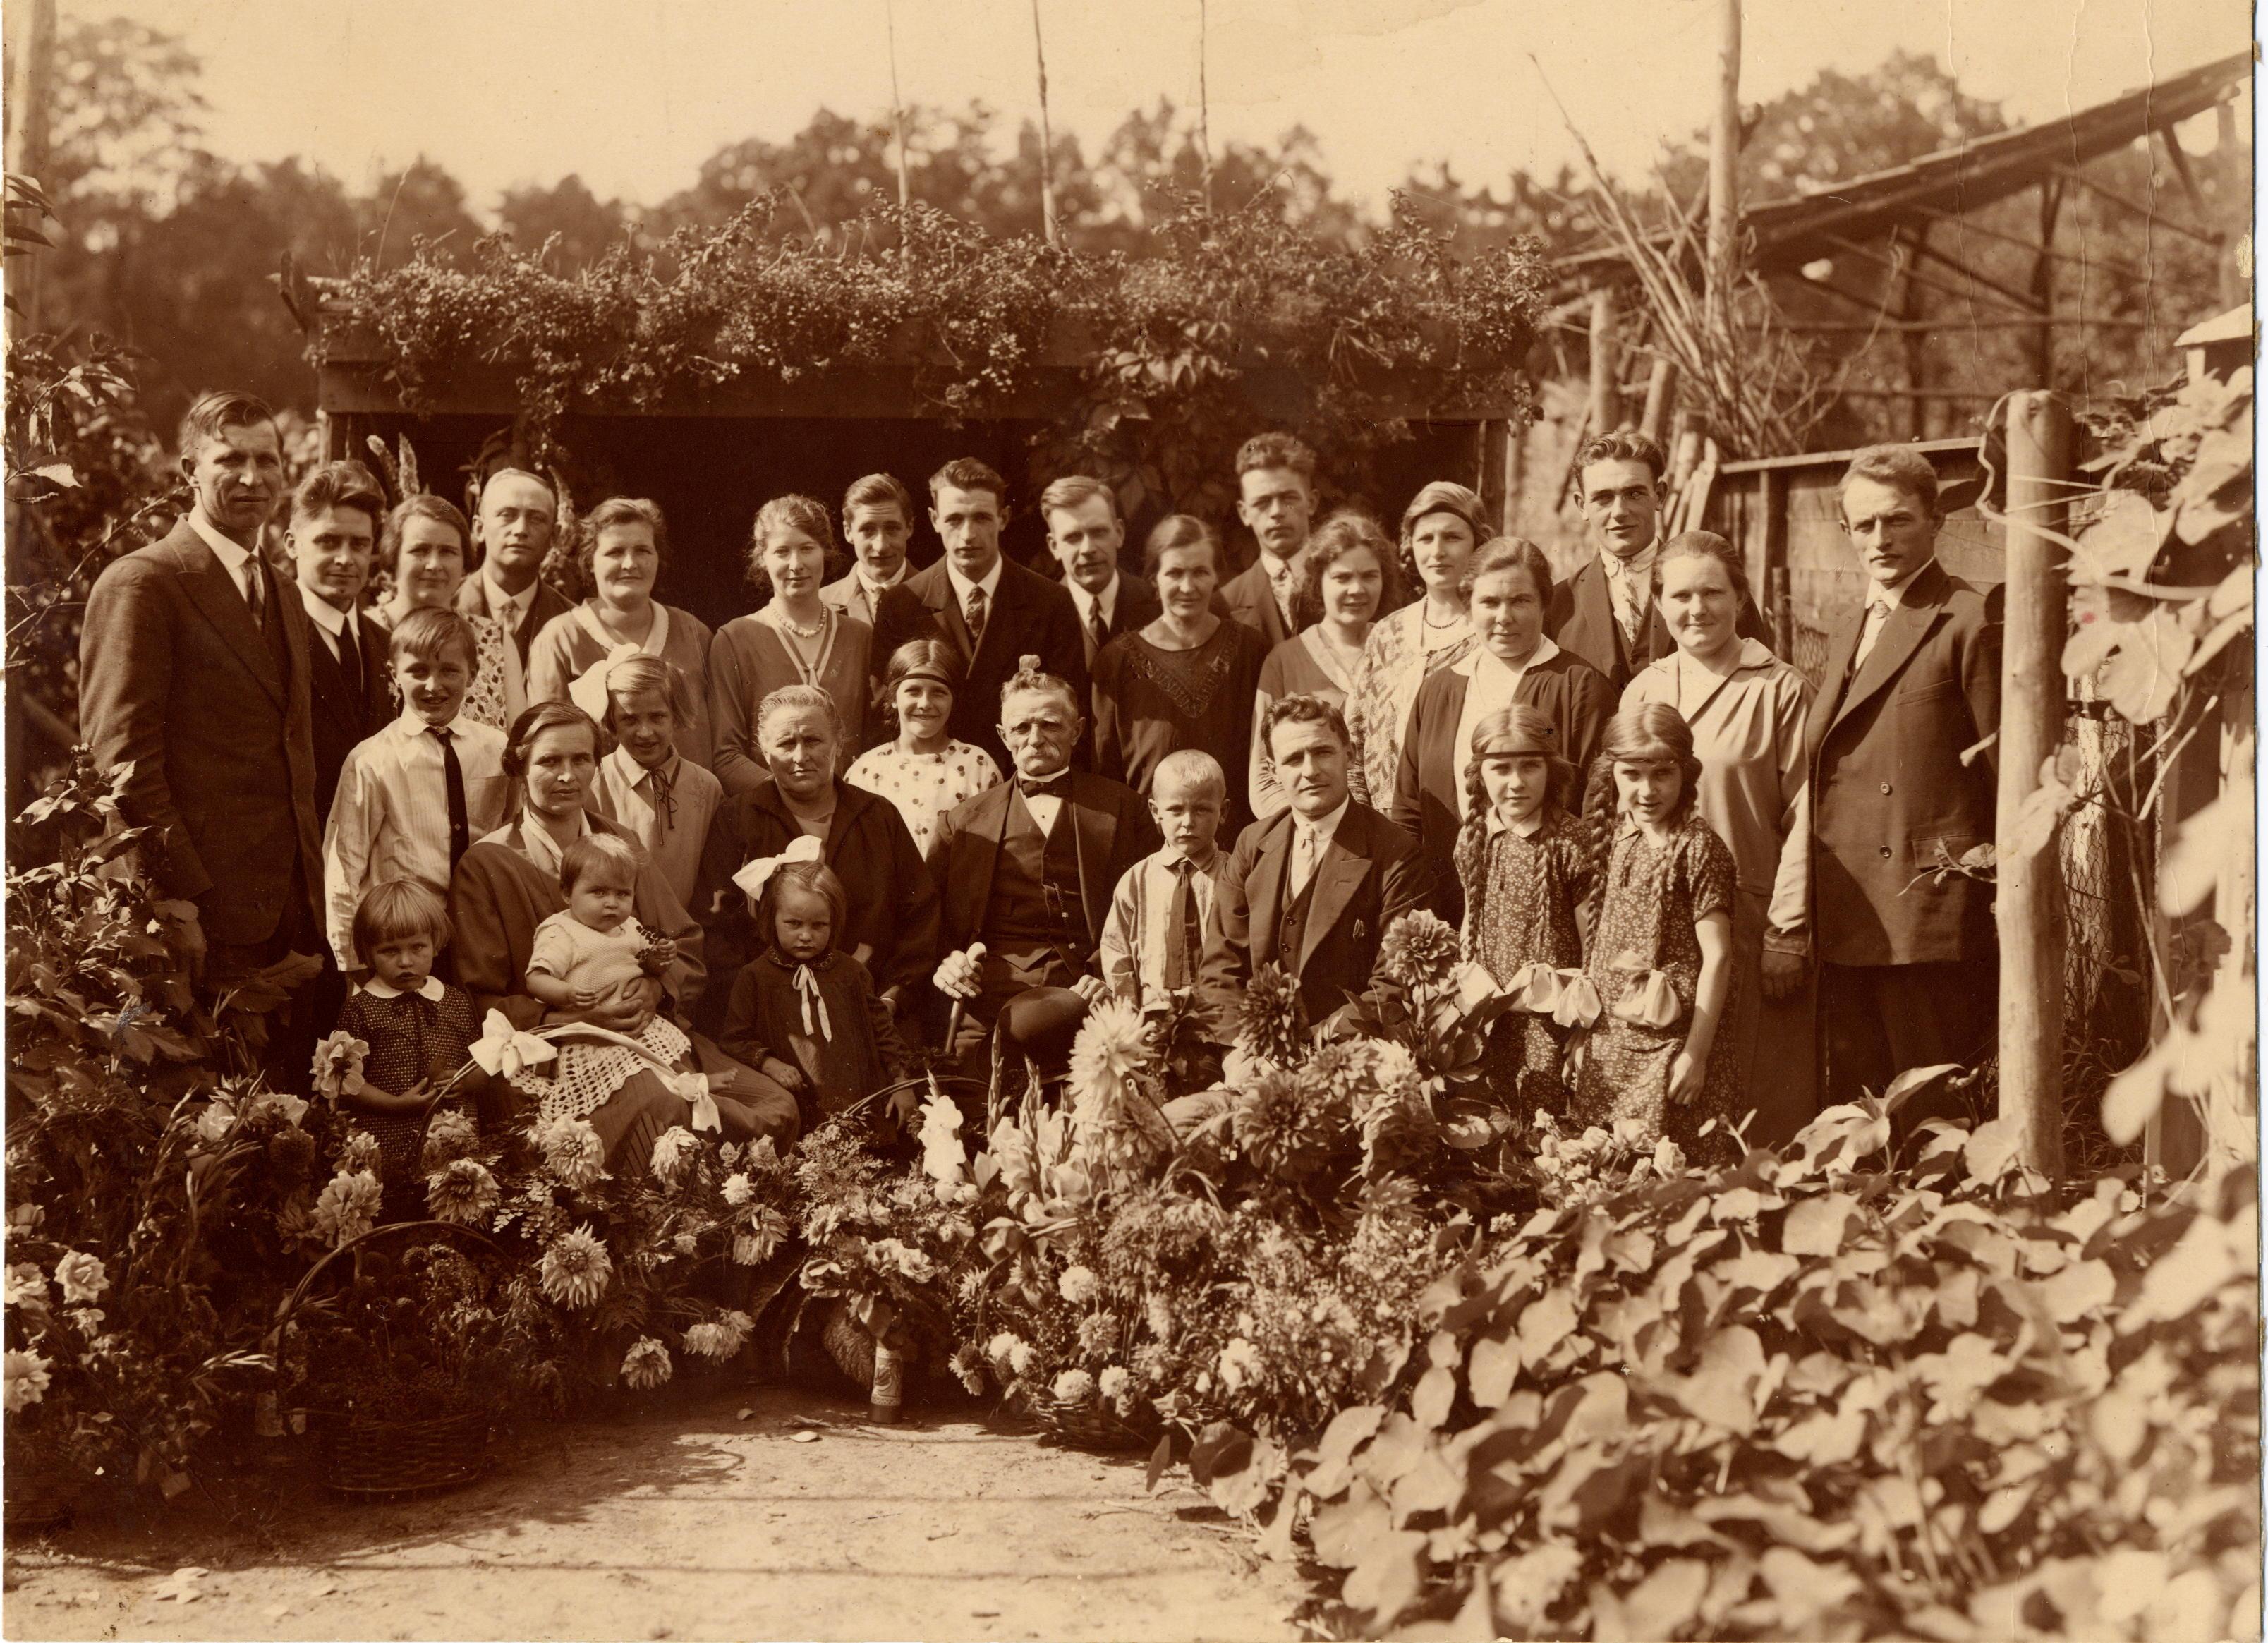 Gijsbert Kuus en Geertruida Kool - 35 jarig huwelijk (1930)